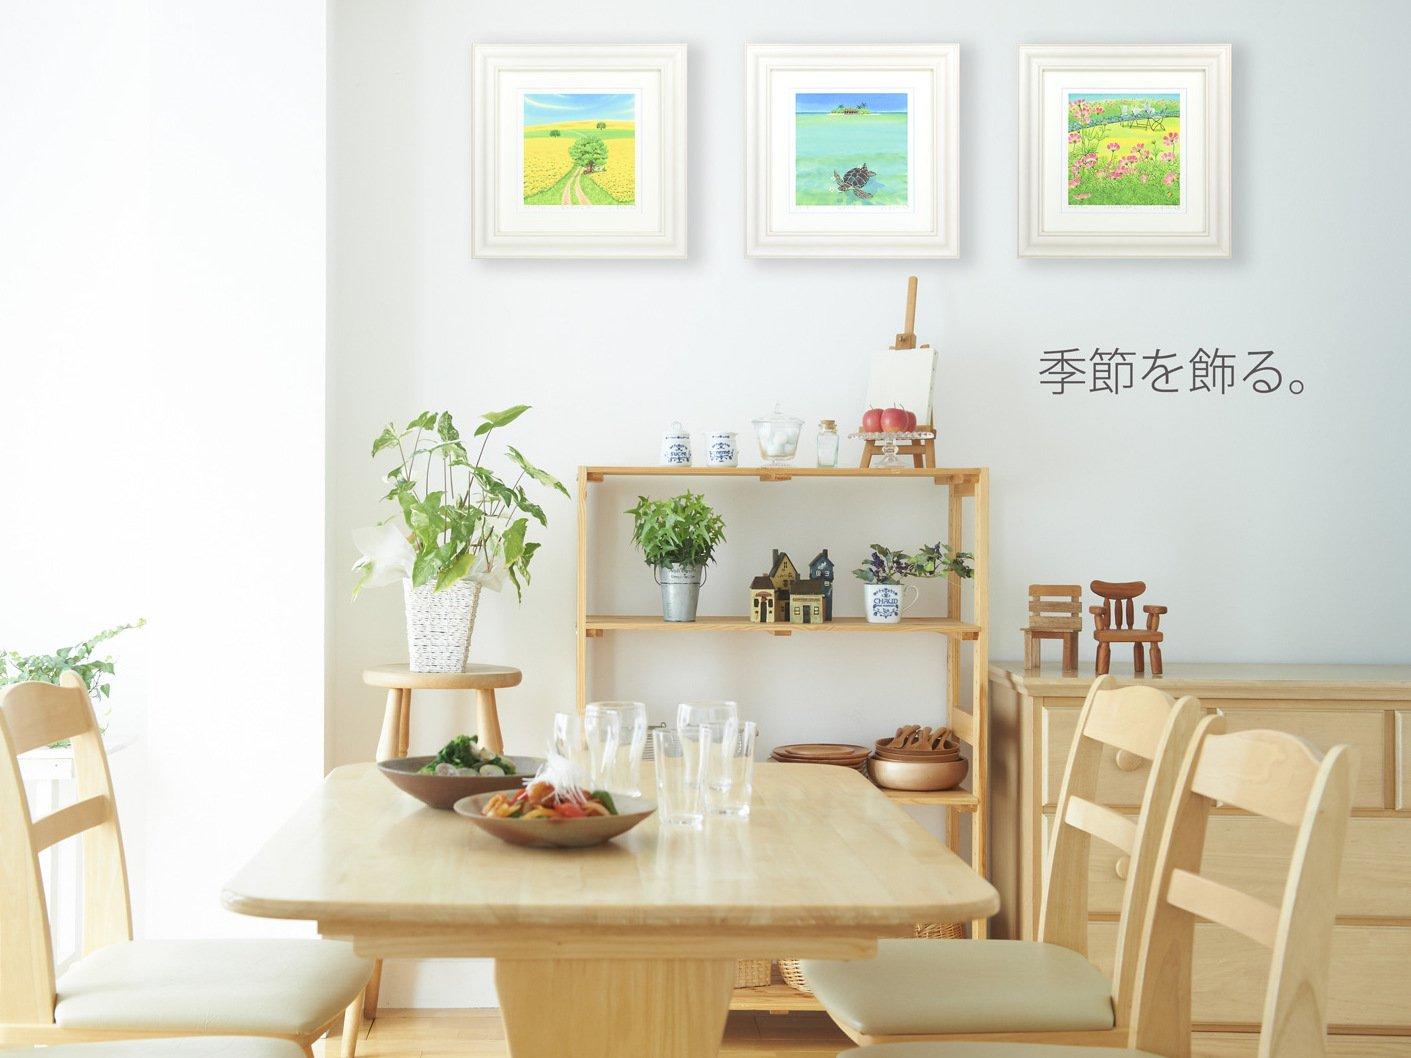 《絵画 水彩画》遊泳2〔栗乃木ハルミ くりのきはるみ 〕